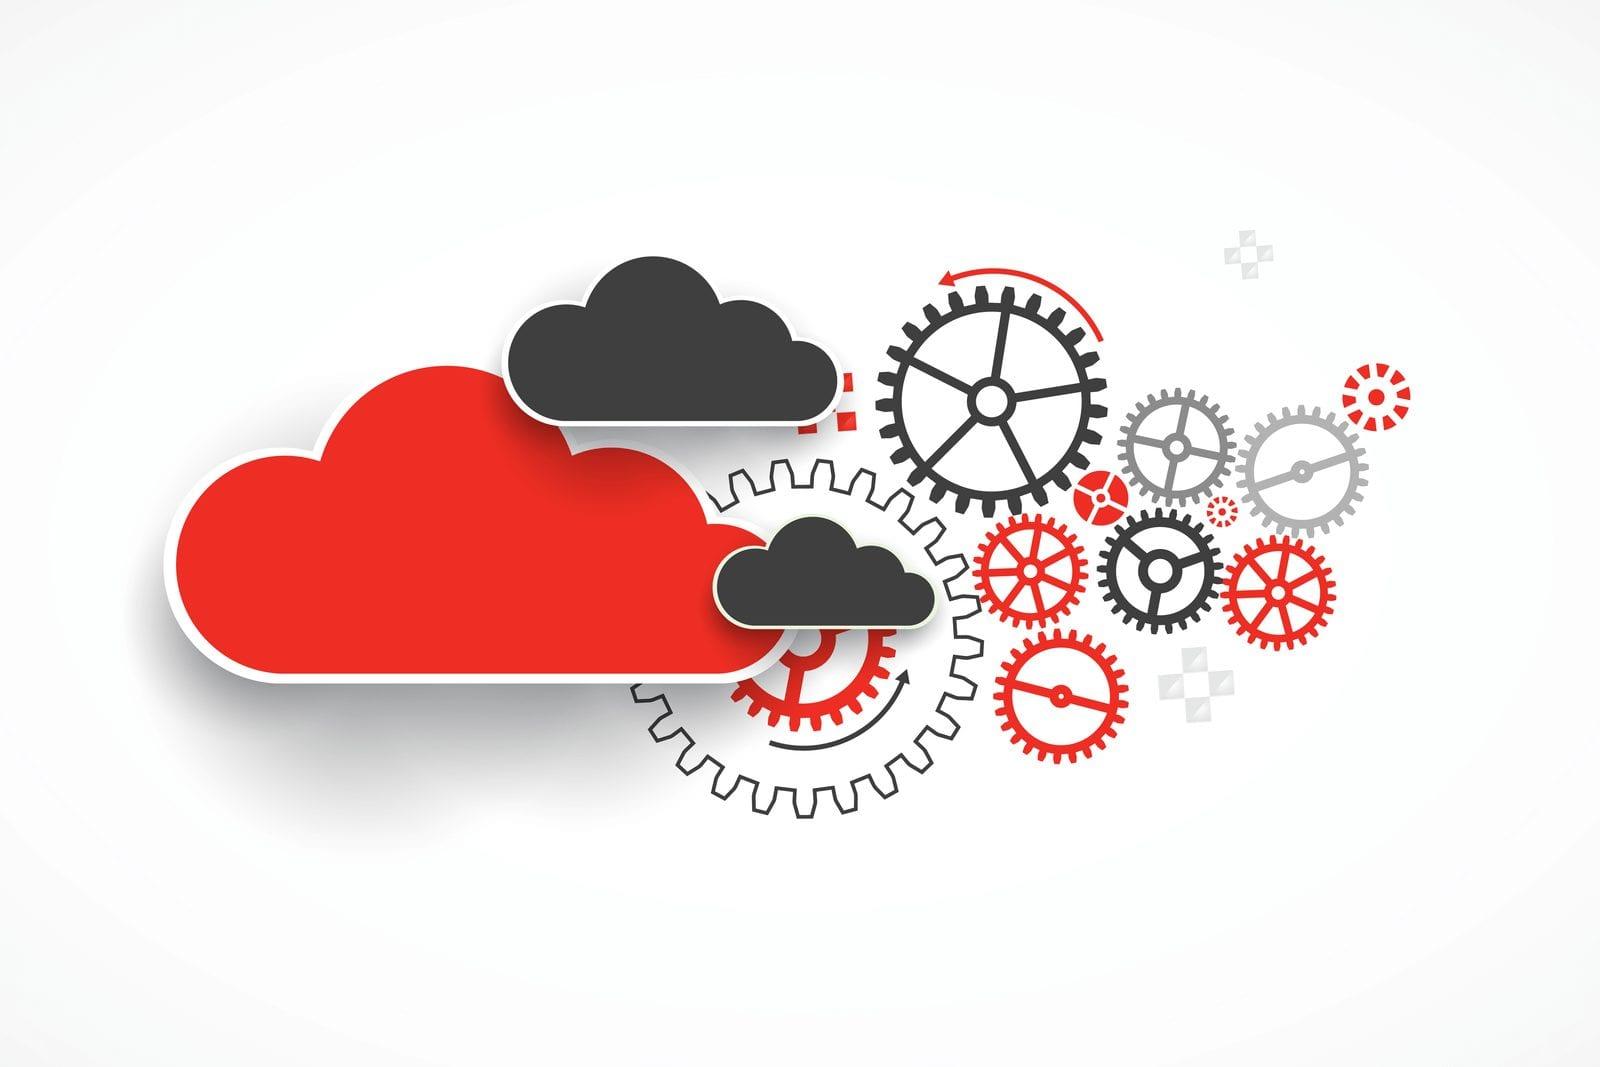 Cloud Based Sistem Hr seperti Talenta HRIS yang diinvestasikan akan menjadi aset jangka panjang perusahaan di masa mendatang dan akan mendatangkan keuntungan.